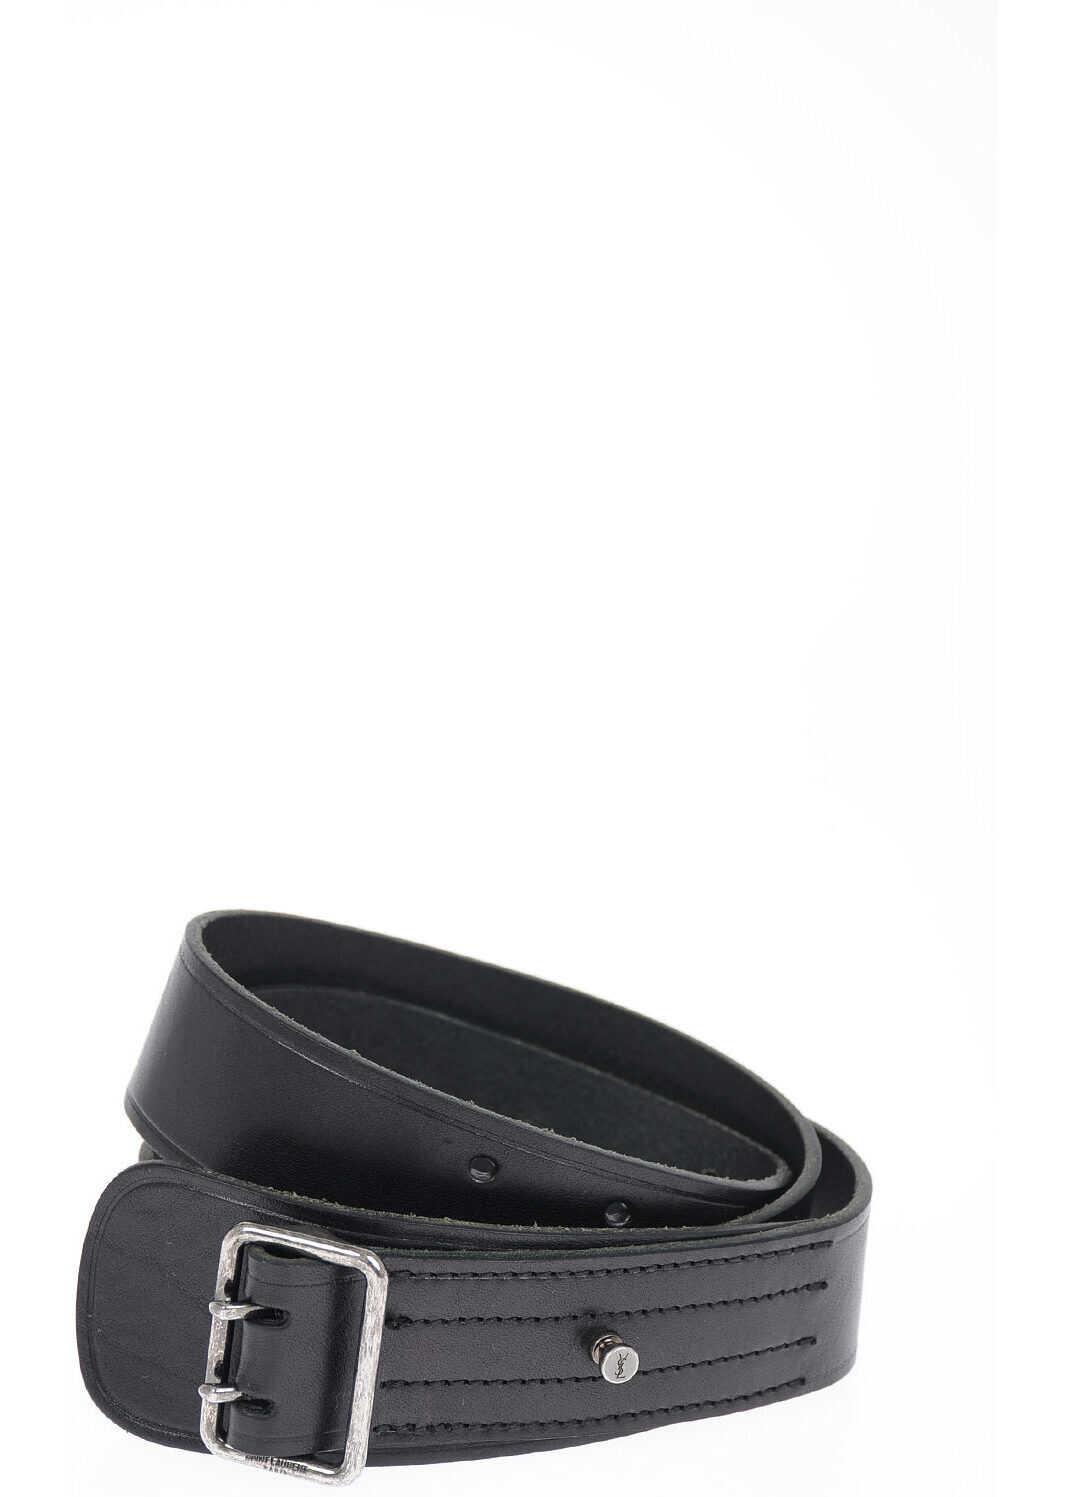 Saint Laurent Leather Belt 35mm BLACK